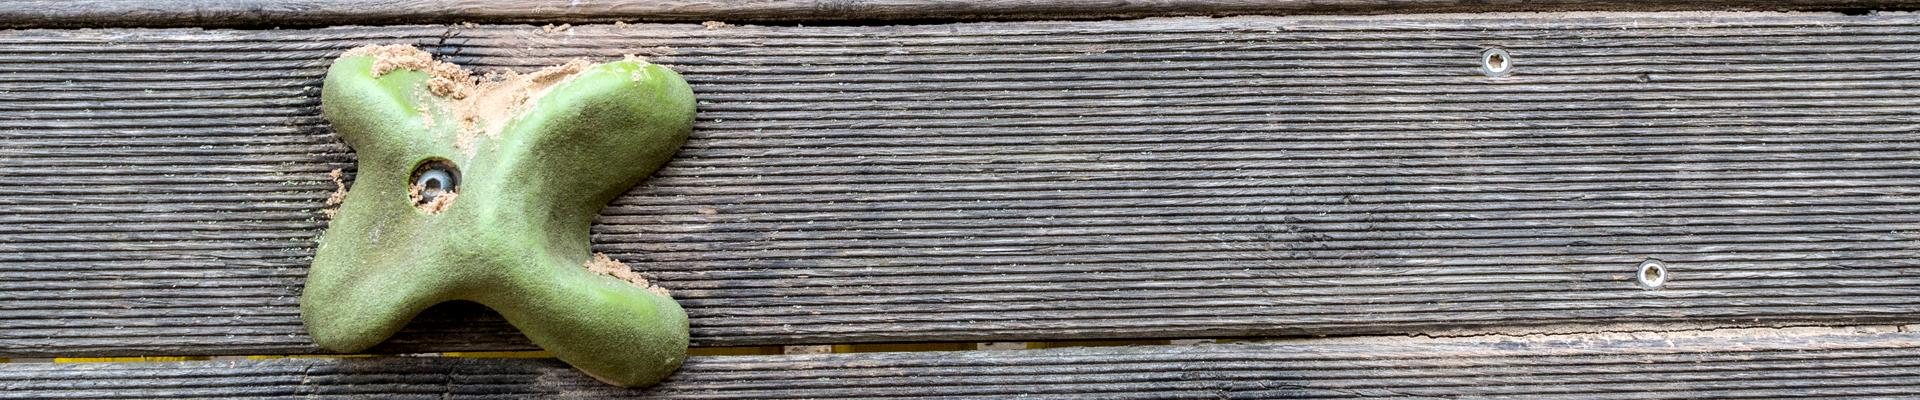 home 3 – Klatterwand- Link zu Contigo